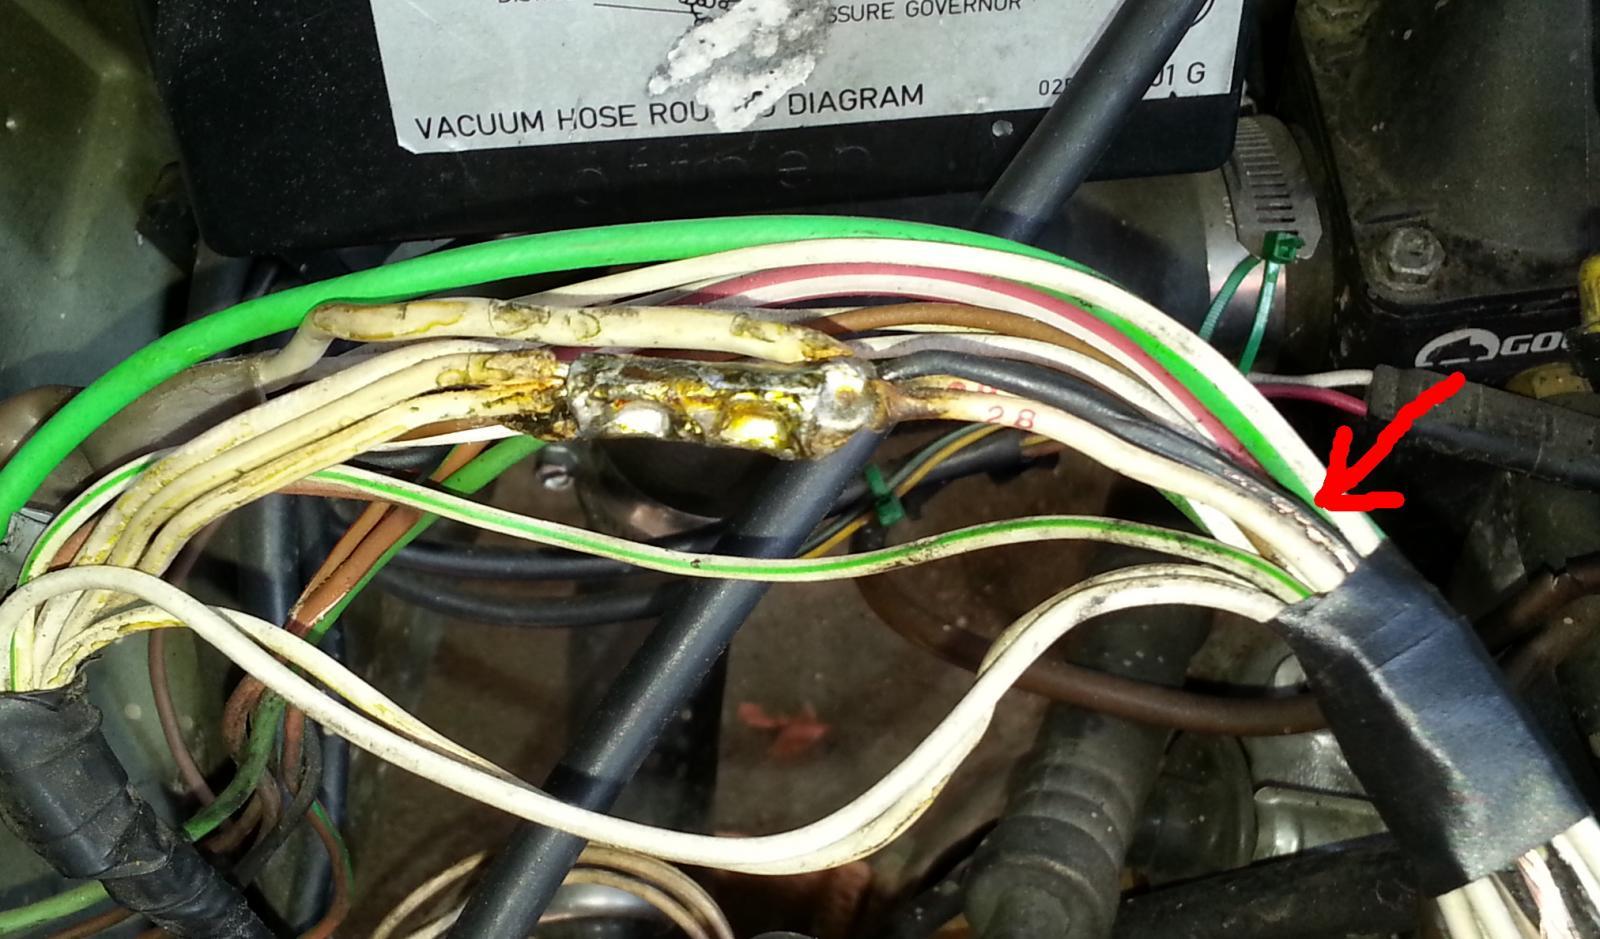 ECU Harness fried wires